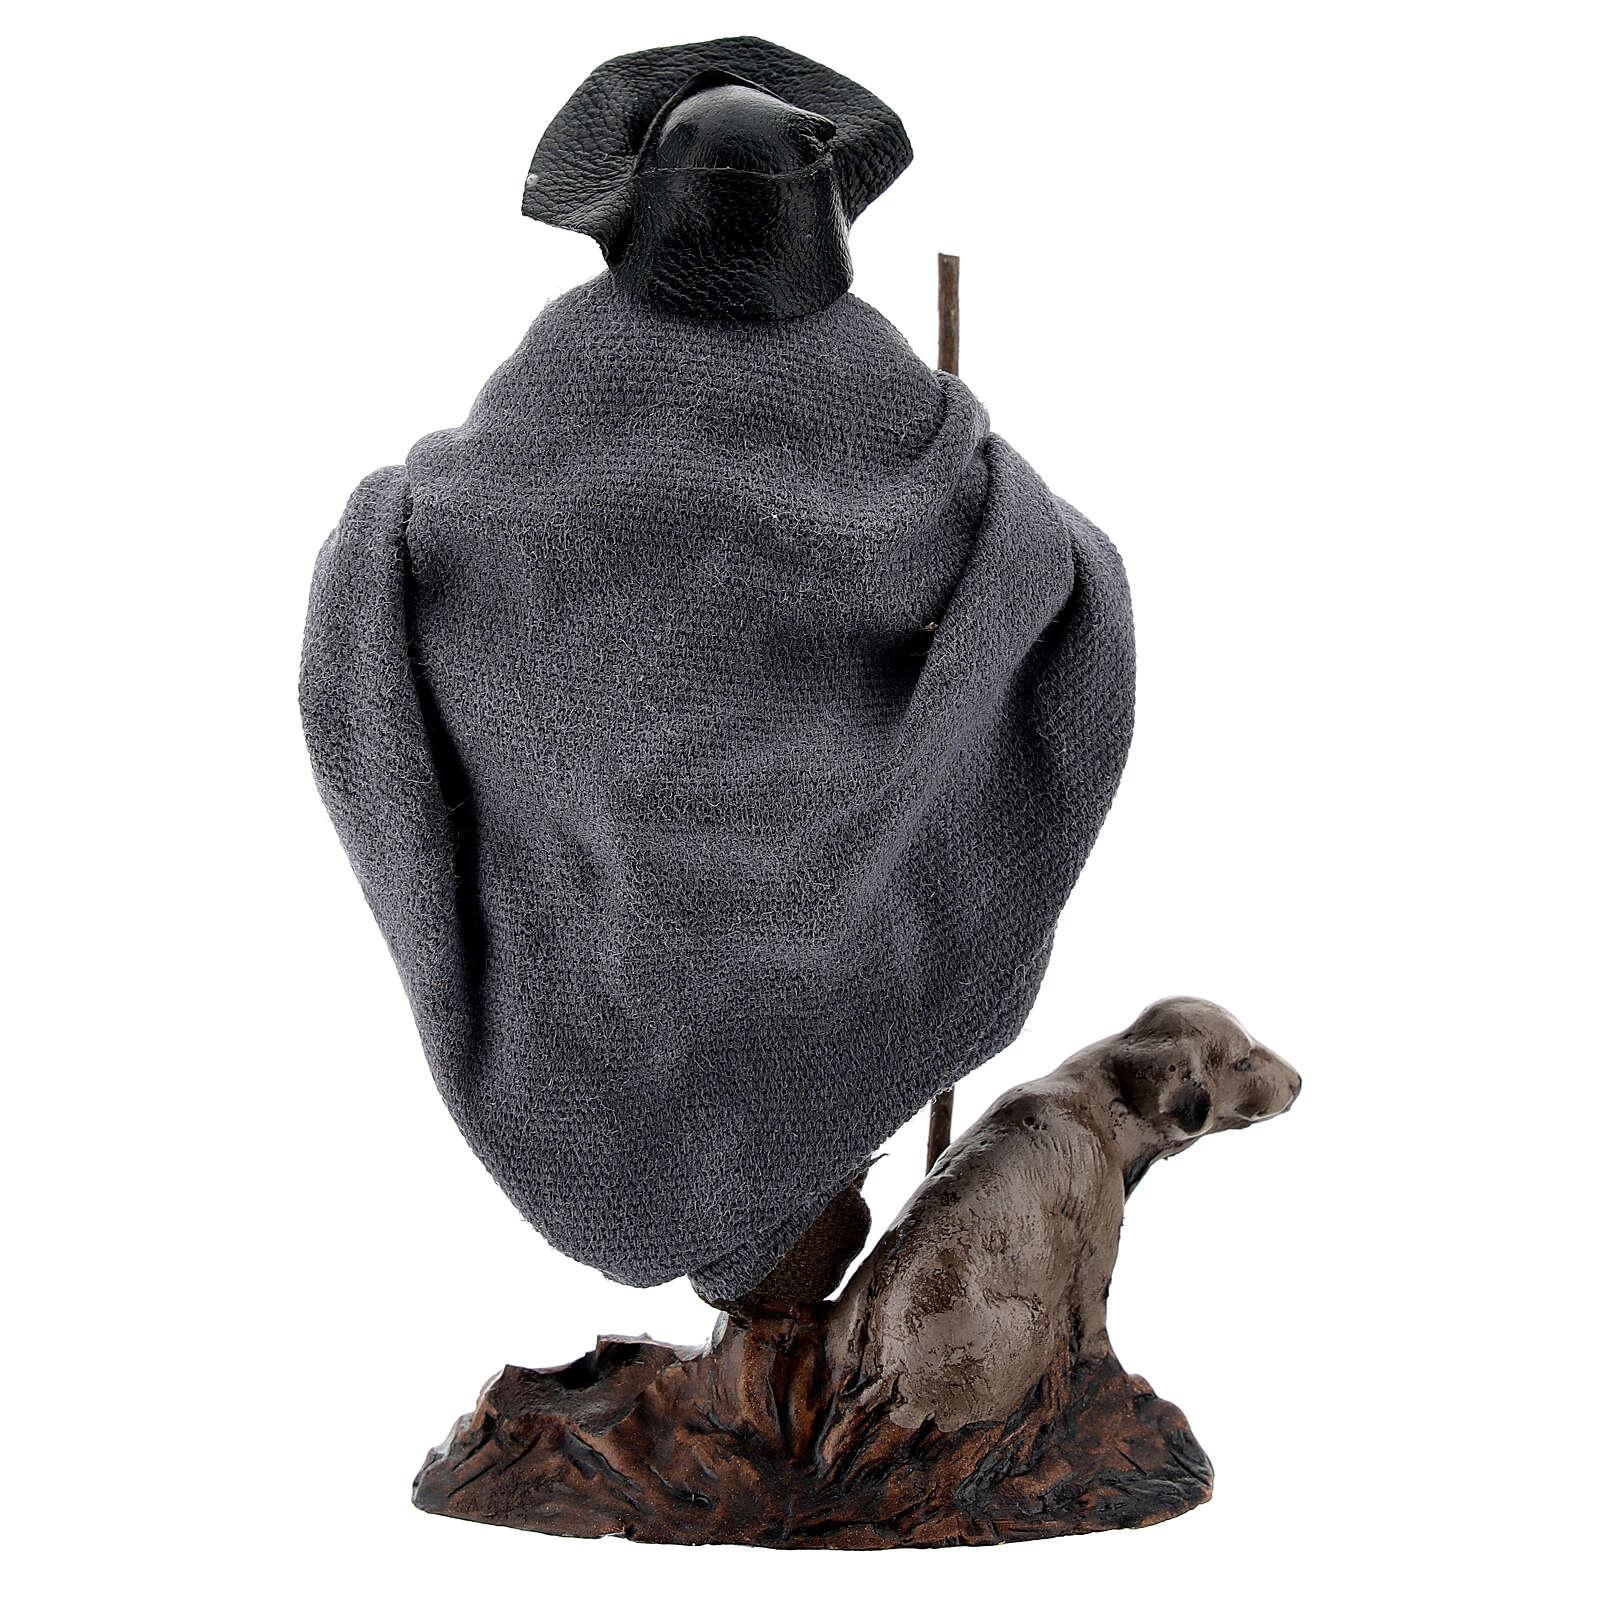 Zoppo con cane bastone terracotta presepe napoletano 12 cm 4